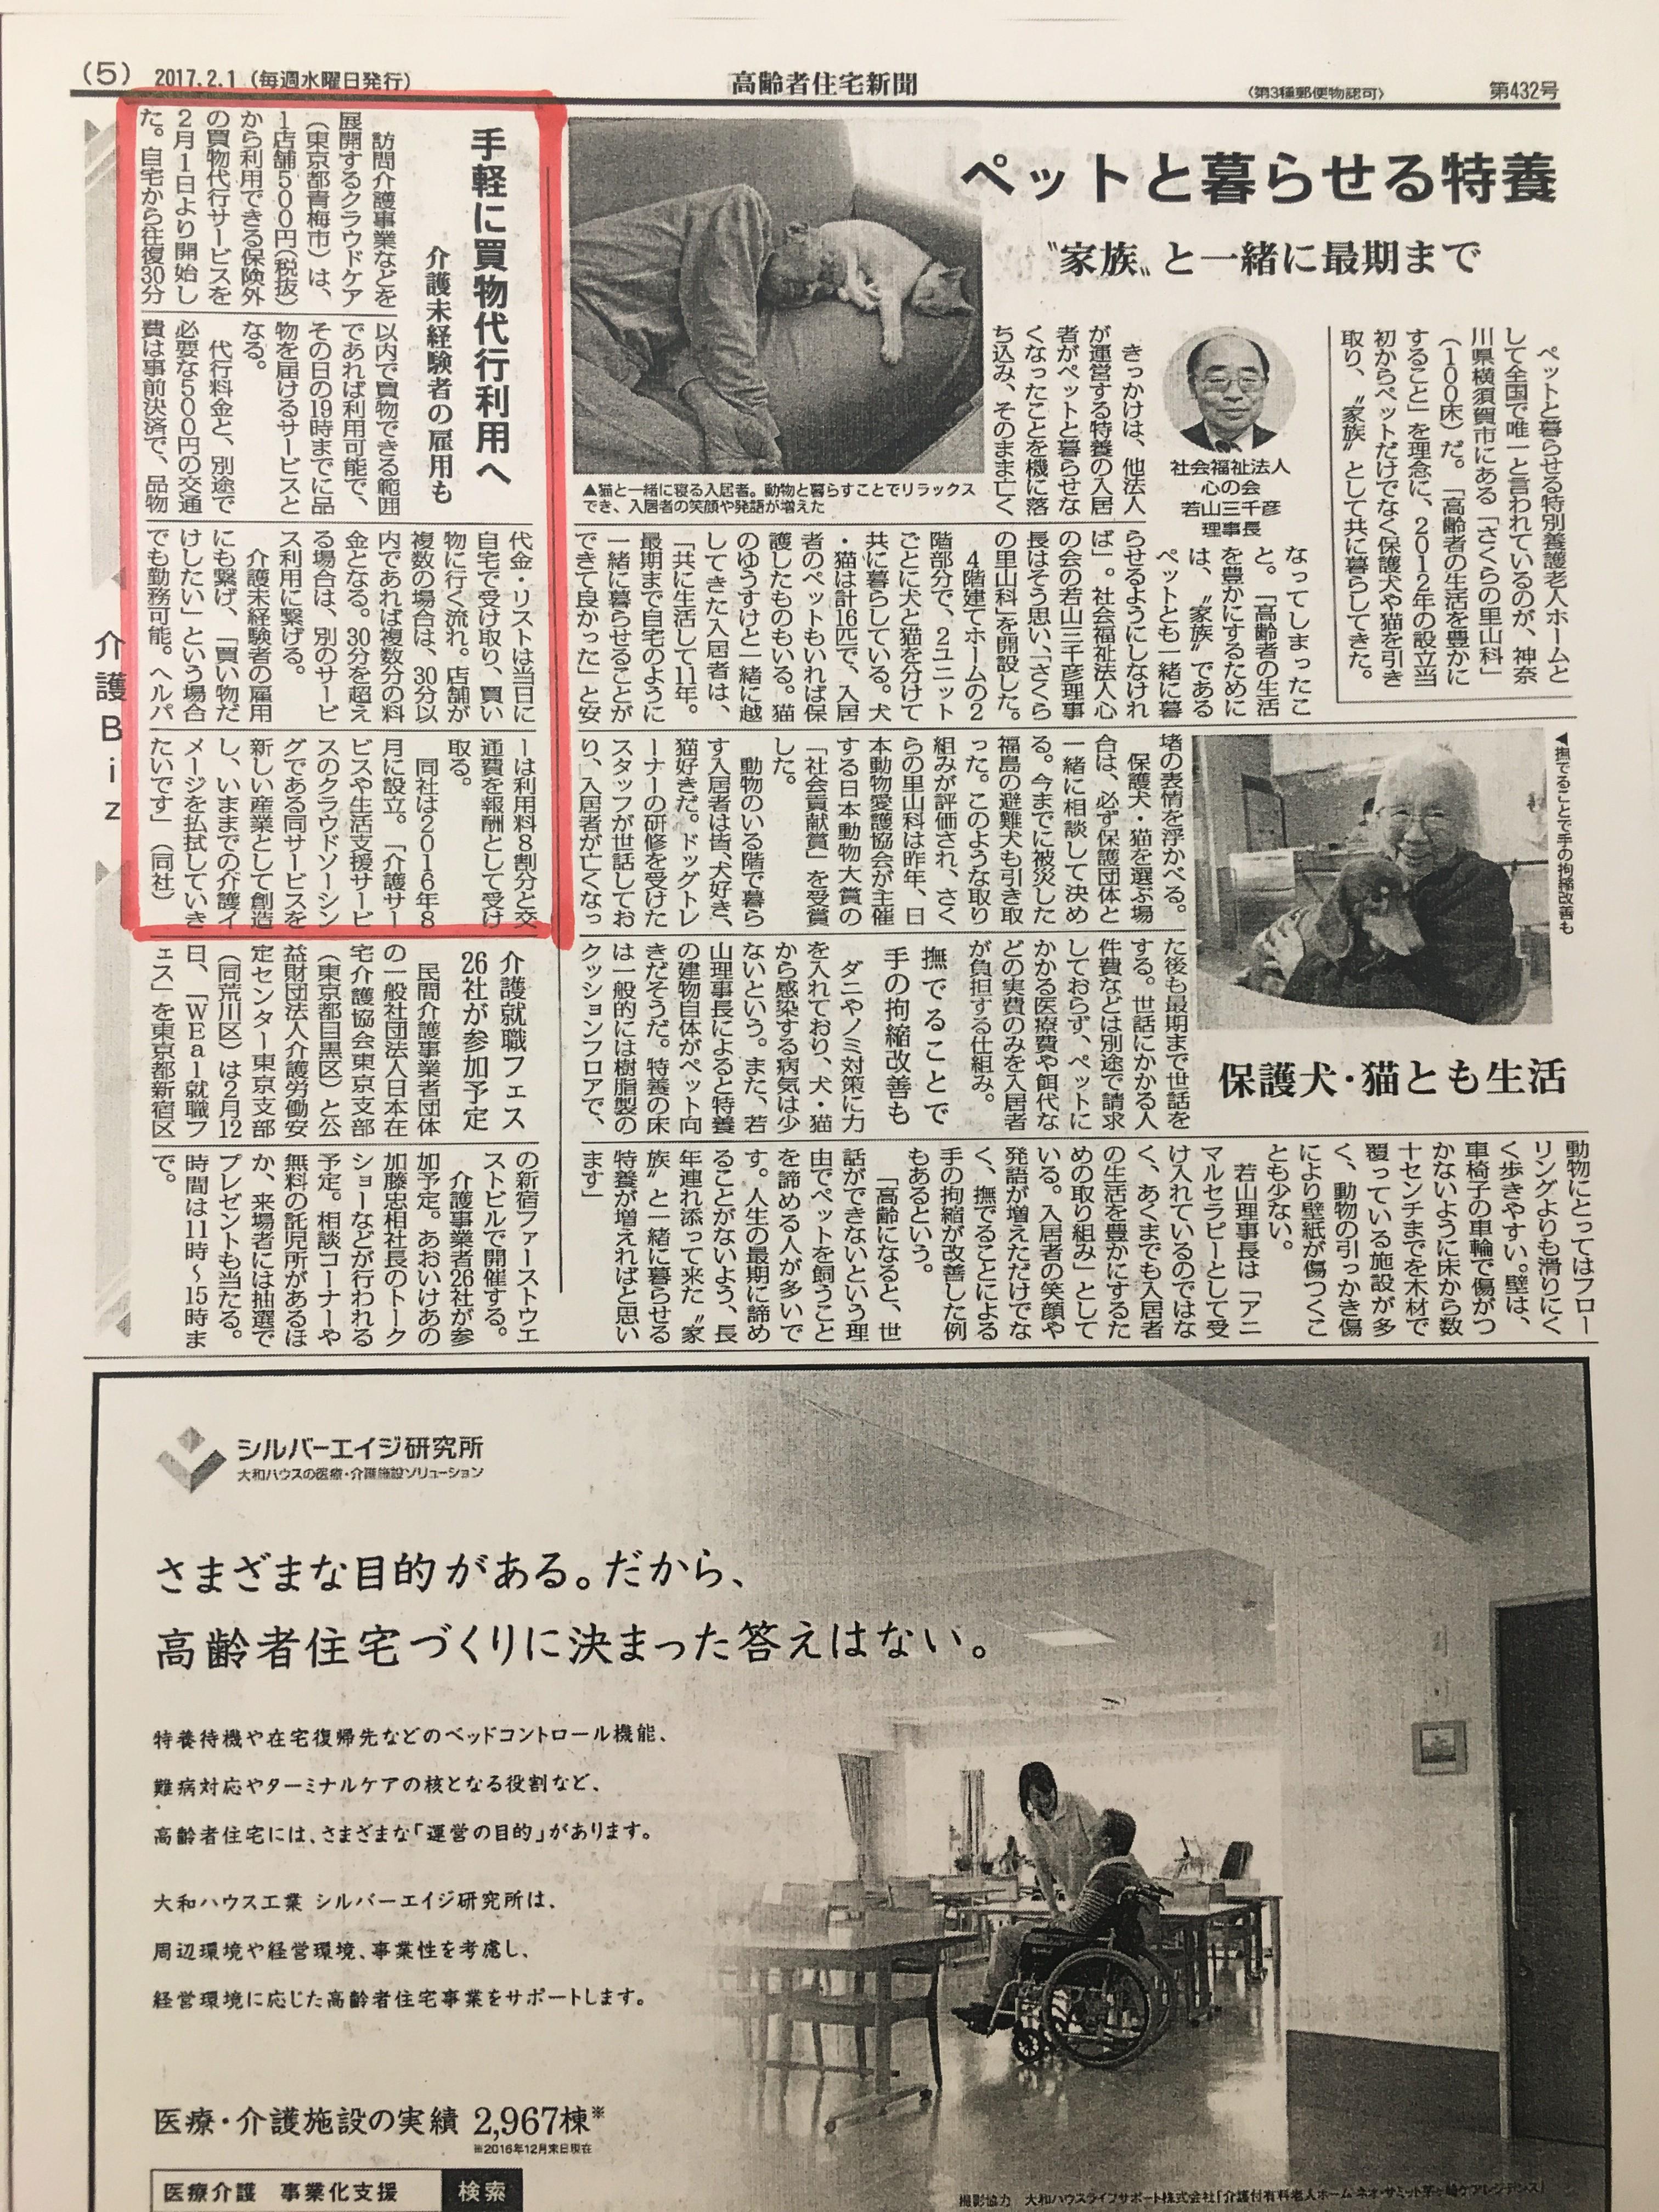 高齢者住宅新聞 2月1日号